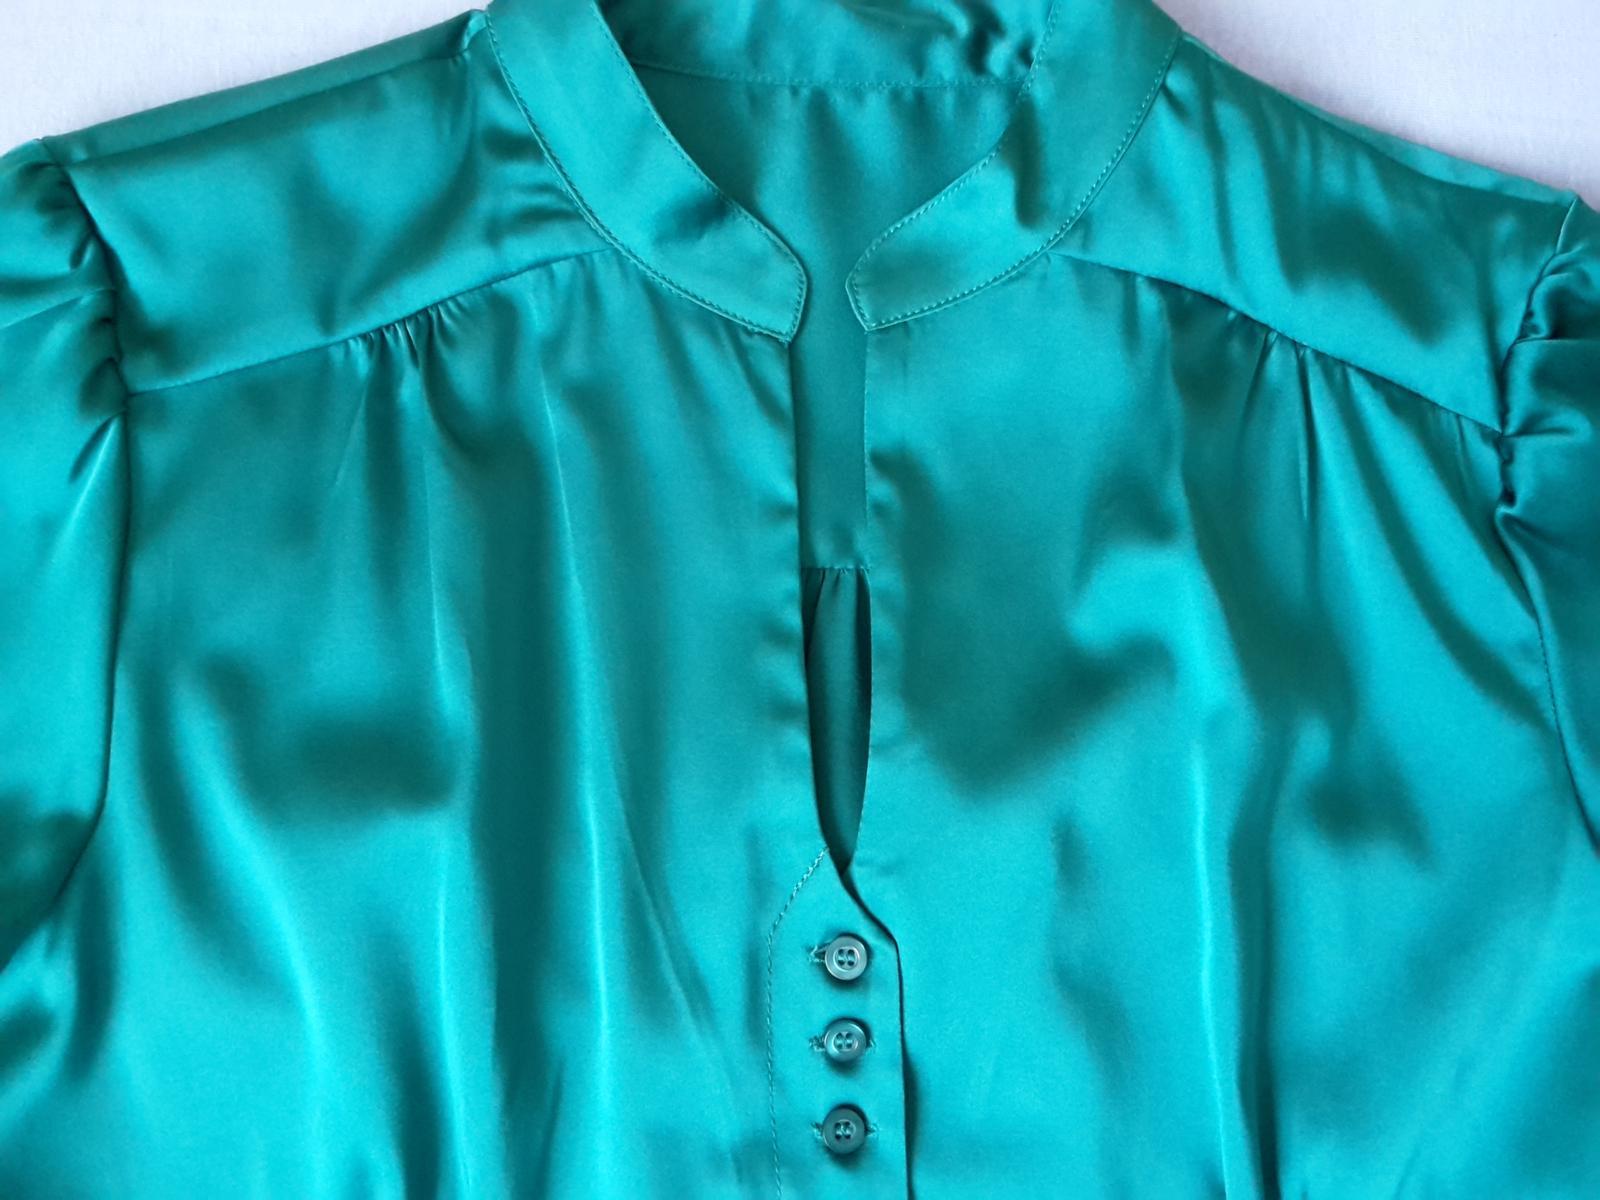 Bluzka nevyuzita - Obrázok č. 1